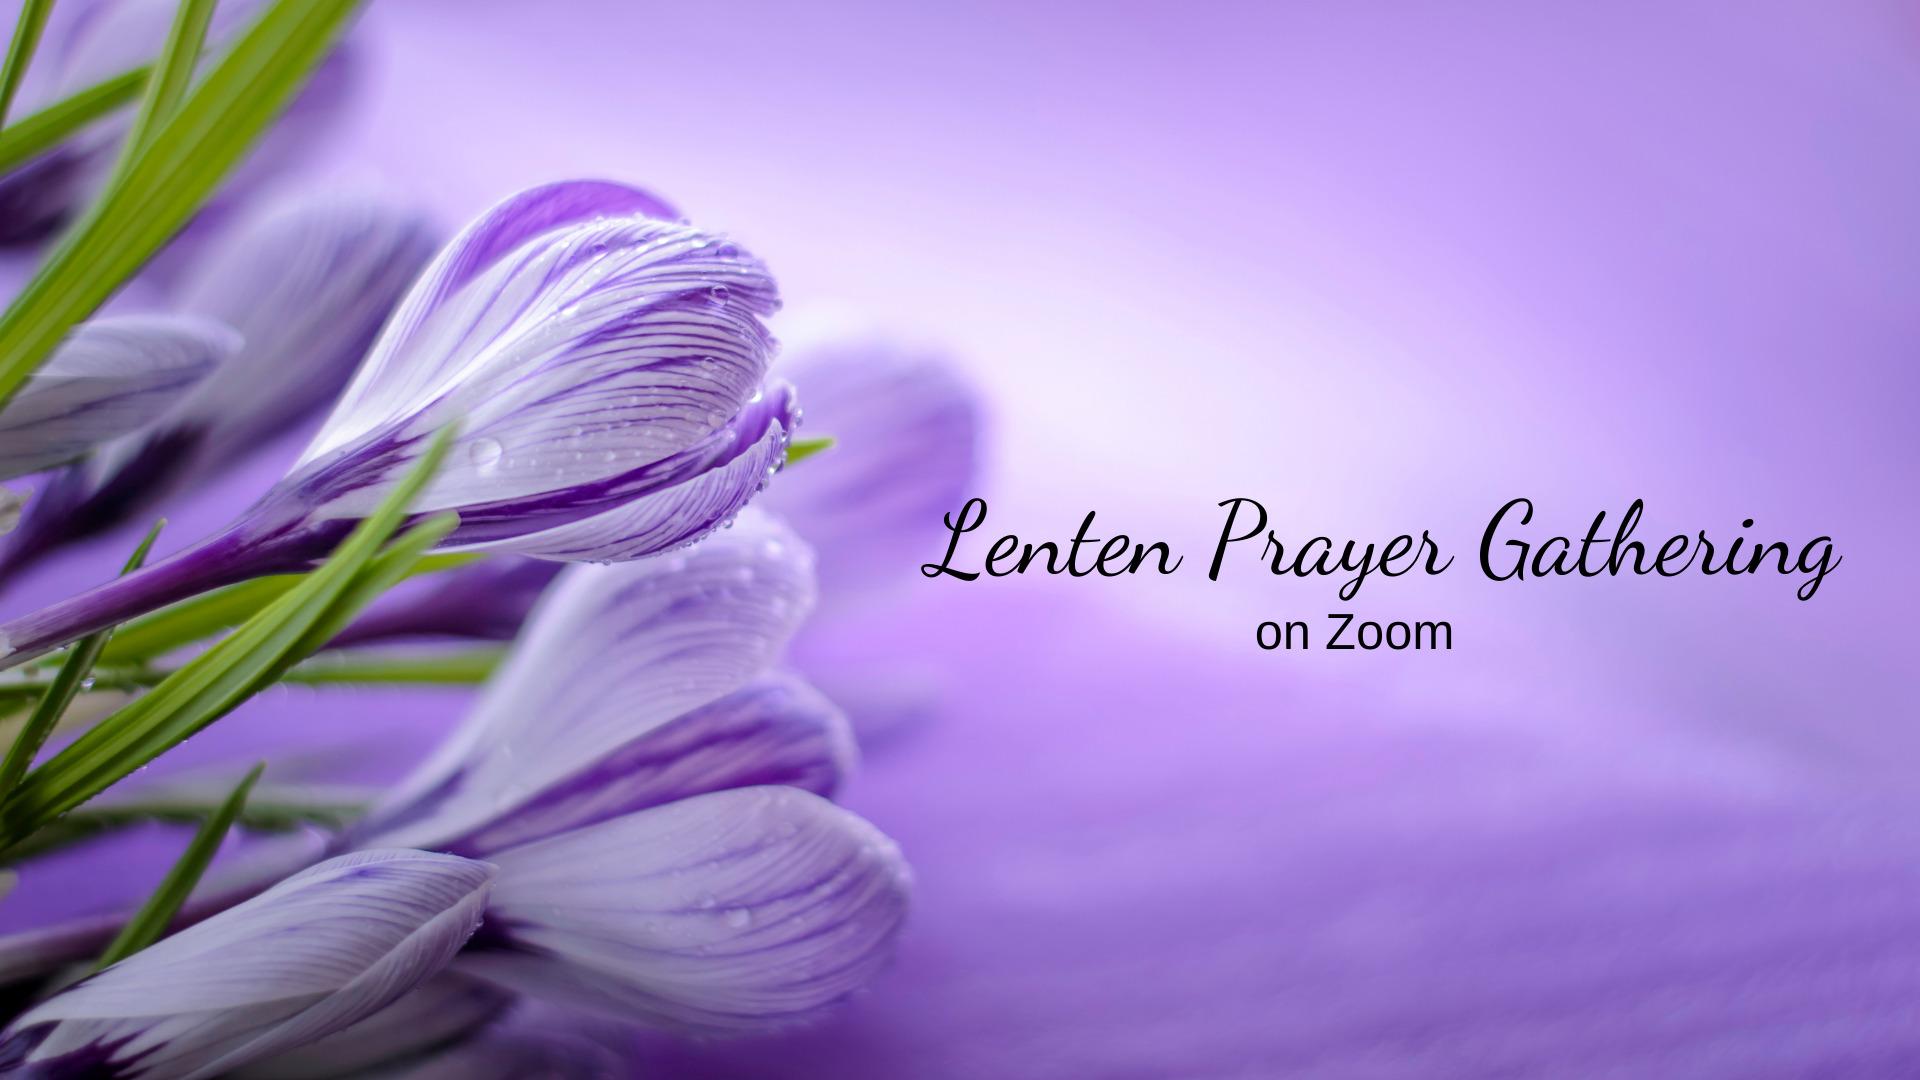 Lenten Prayer